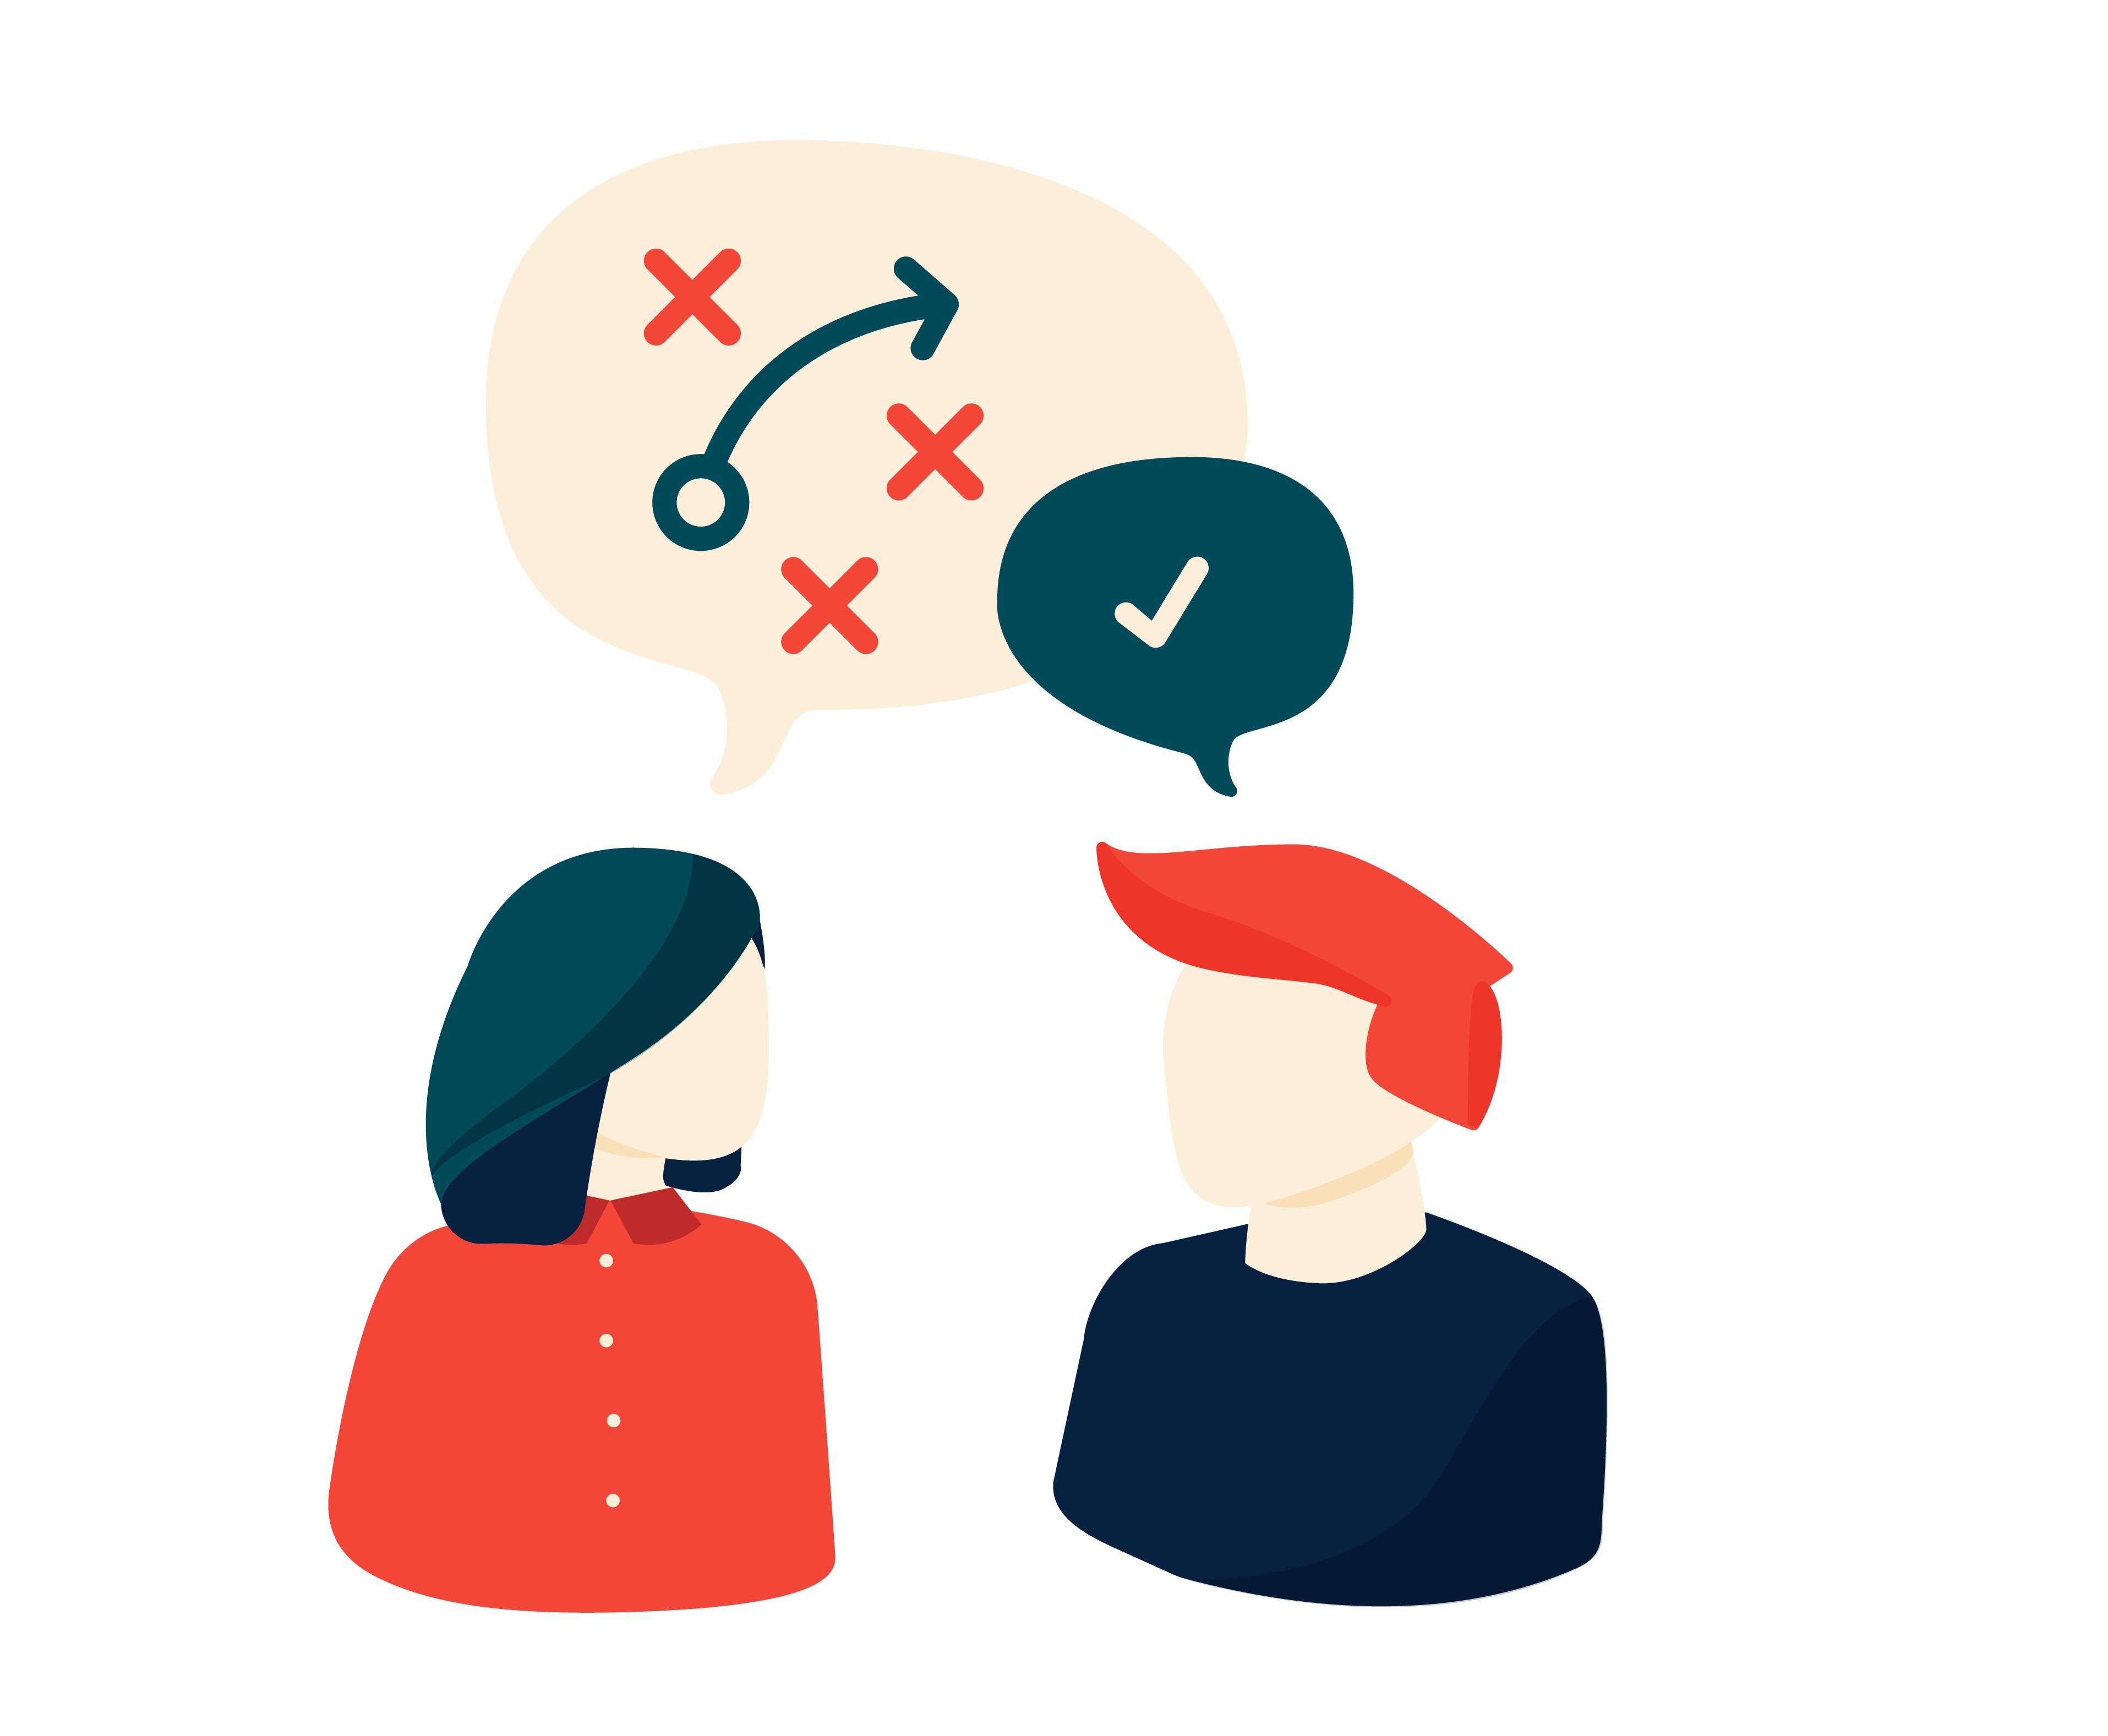 Motivati lederverktoy medarbeidersamtale